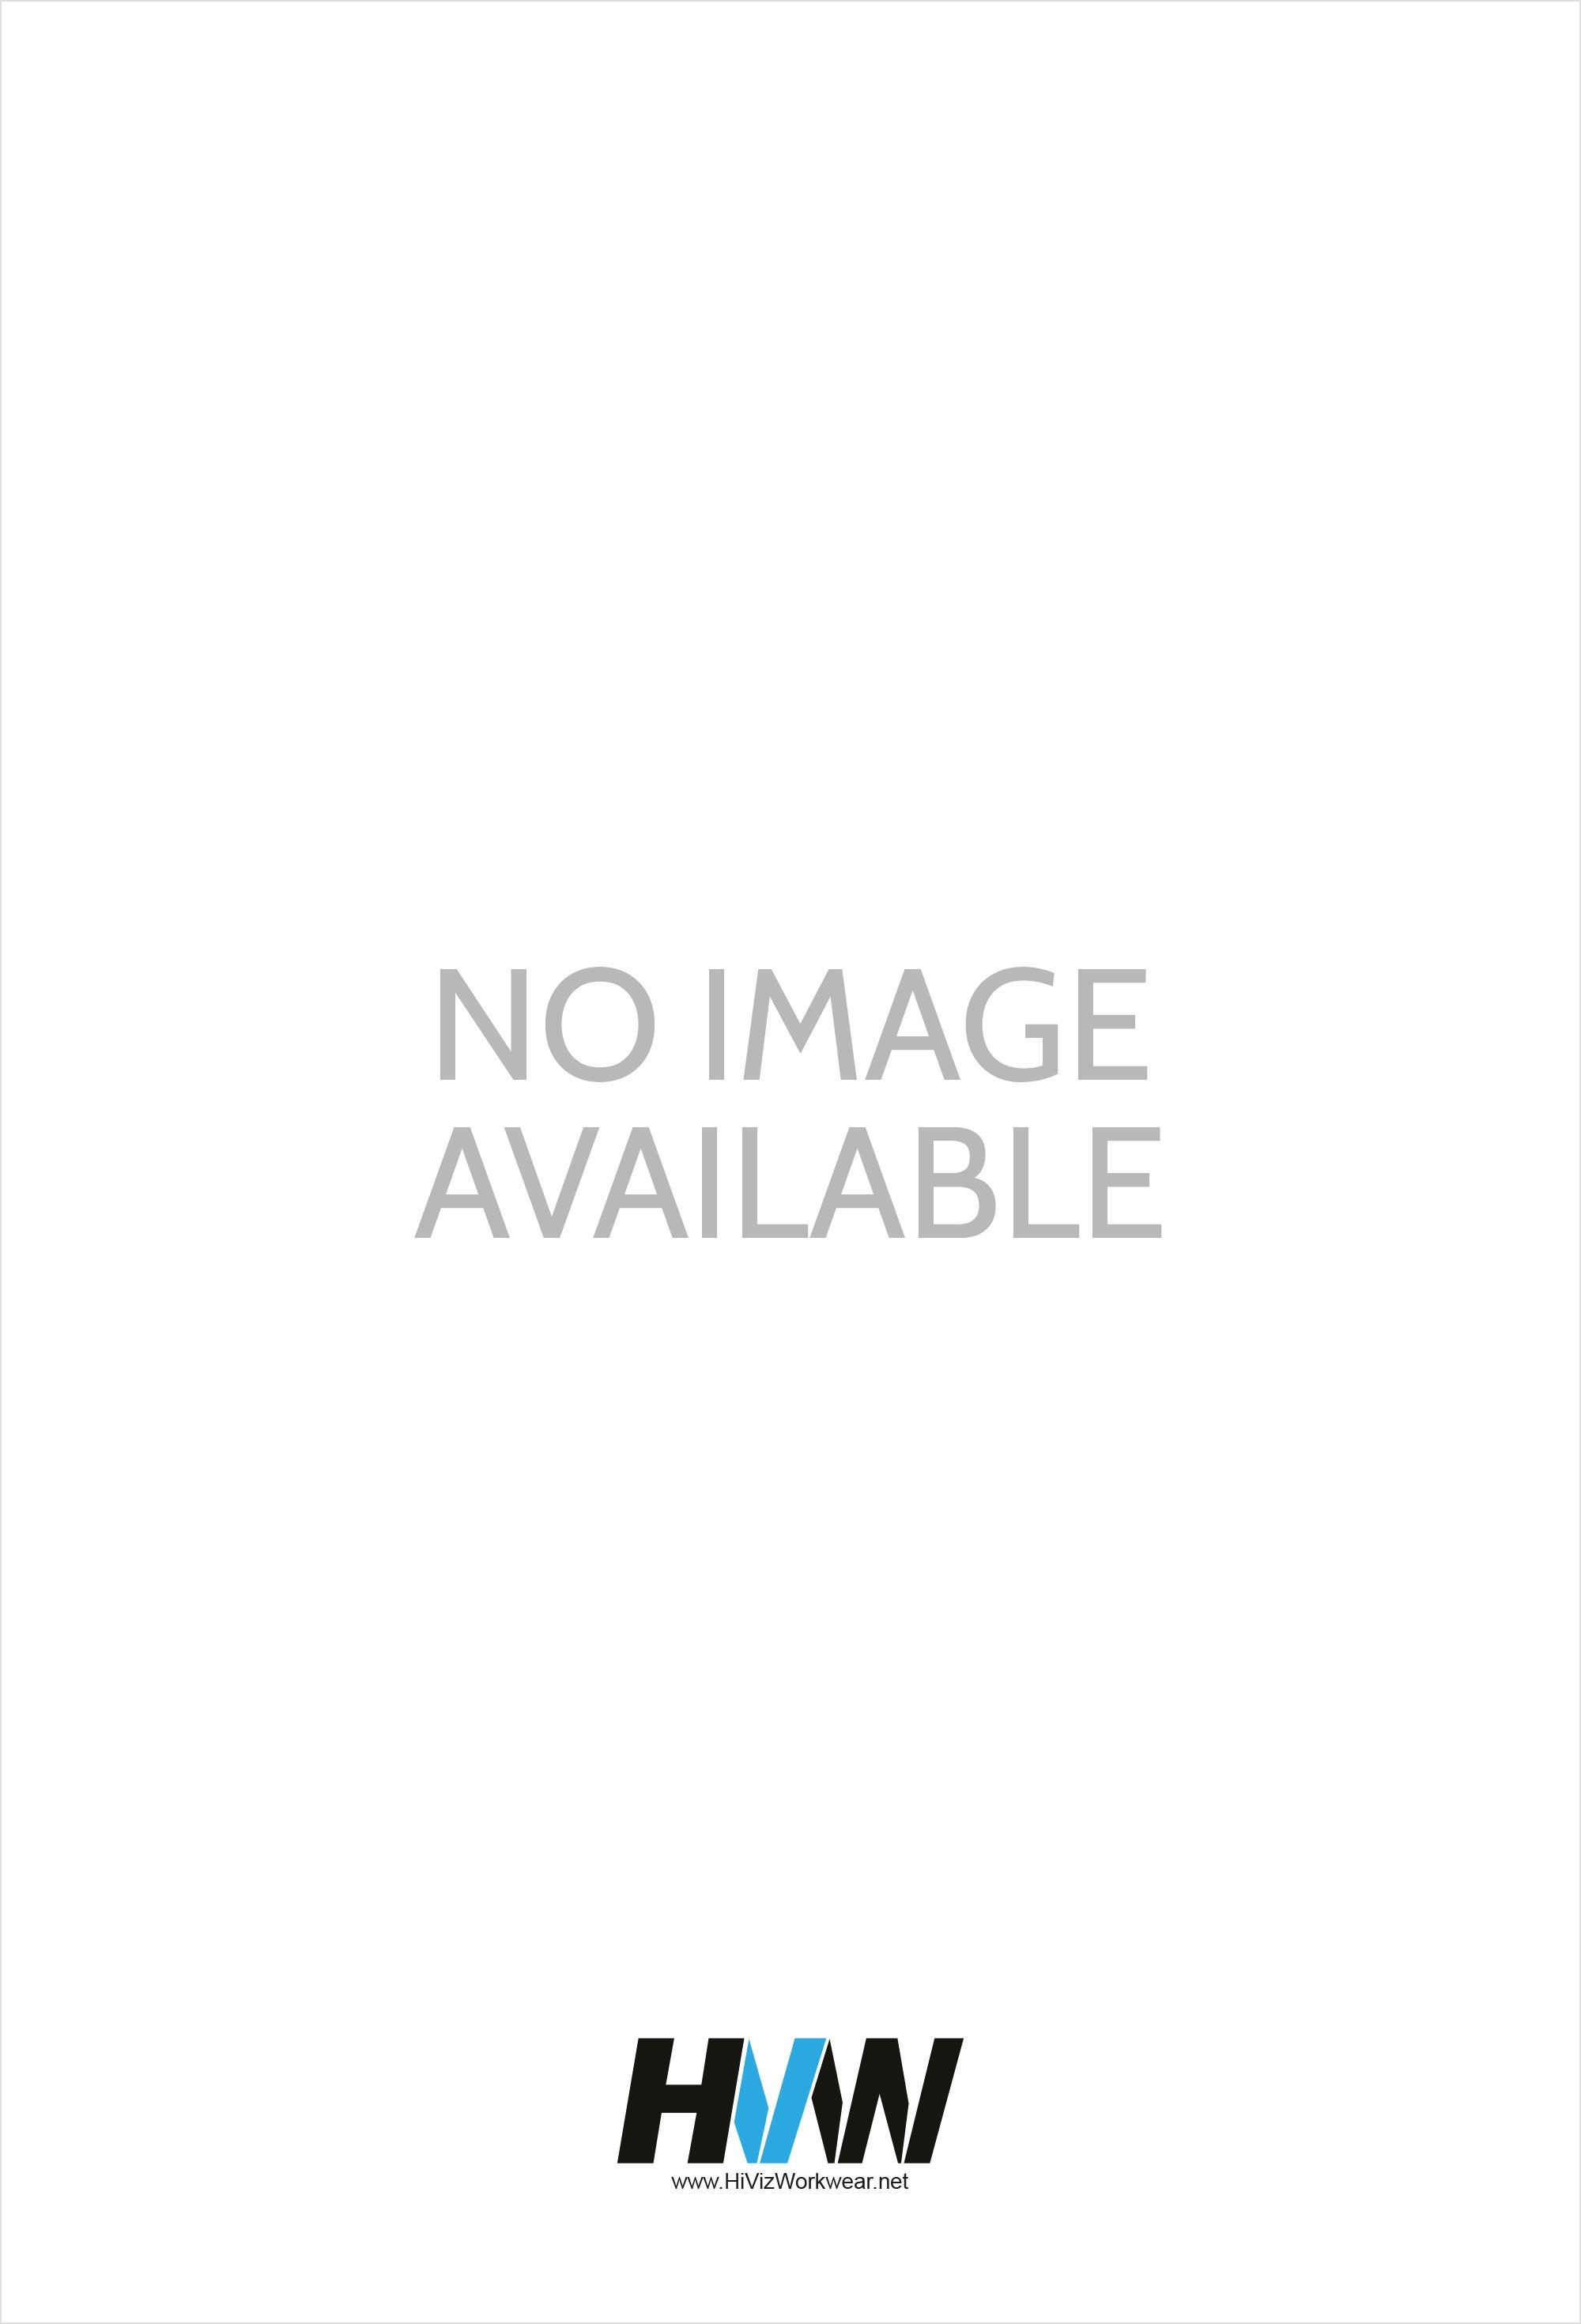 R225X Core Rain Suit